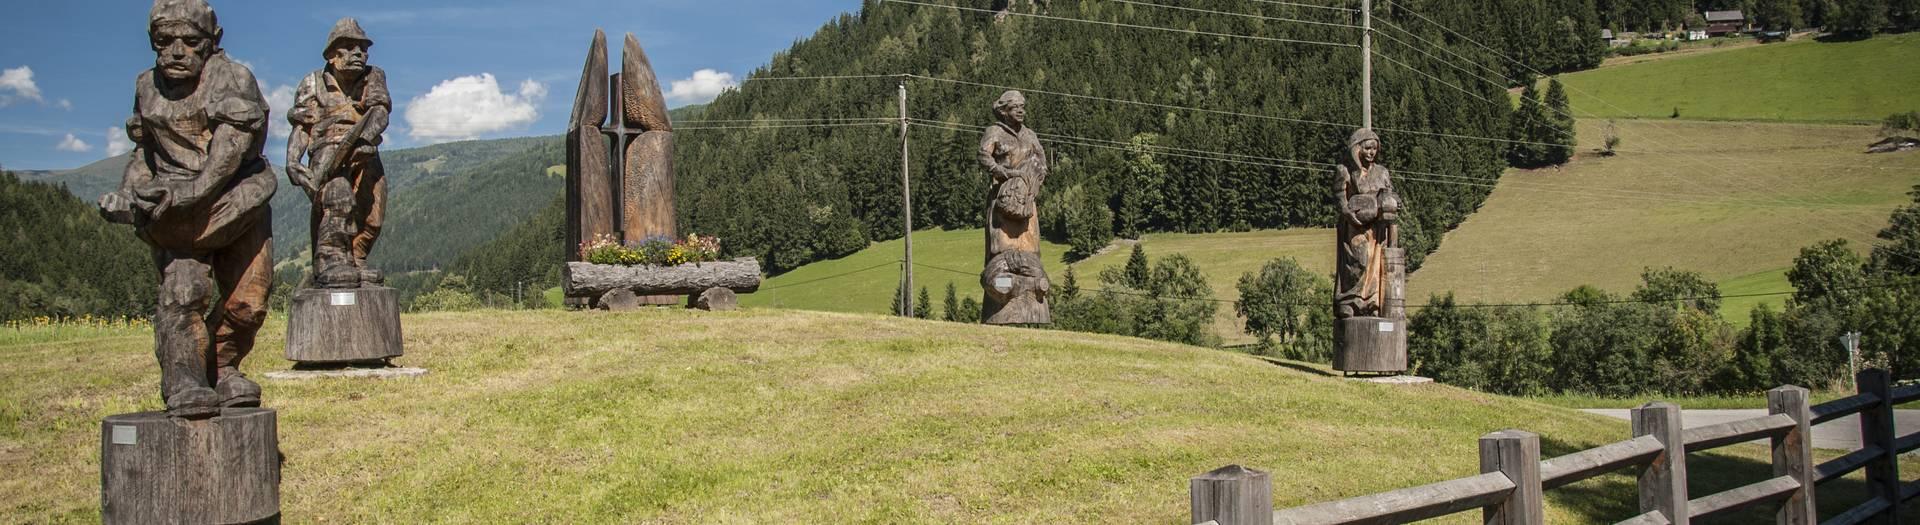 Holzskulturen in Gnesau in den Nockbergen